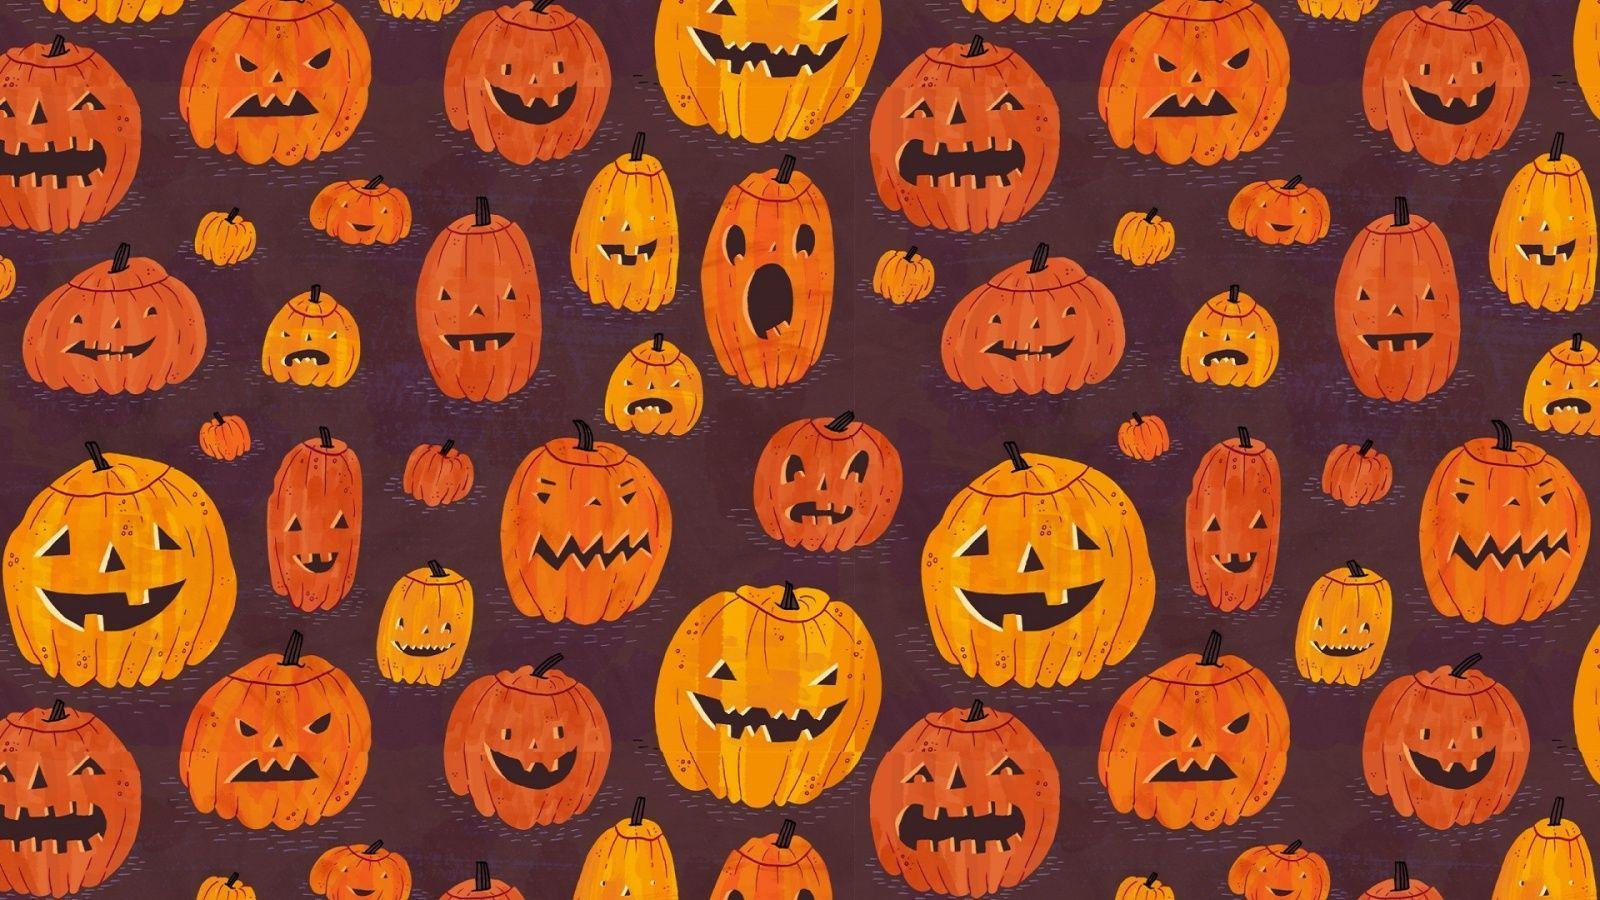 Desktop Aesthetic Halloween Wallpapers - Top Free Desktop ...